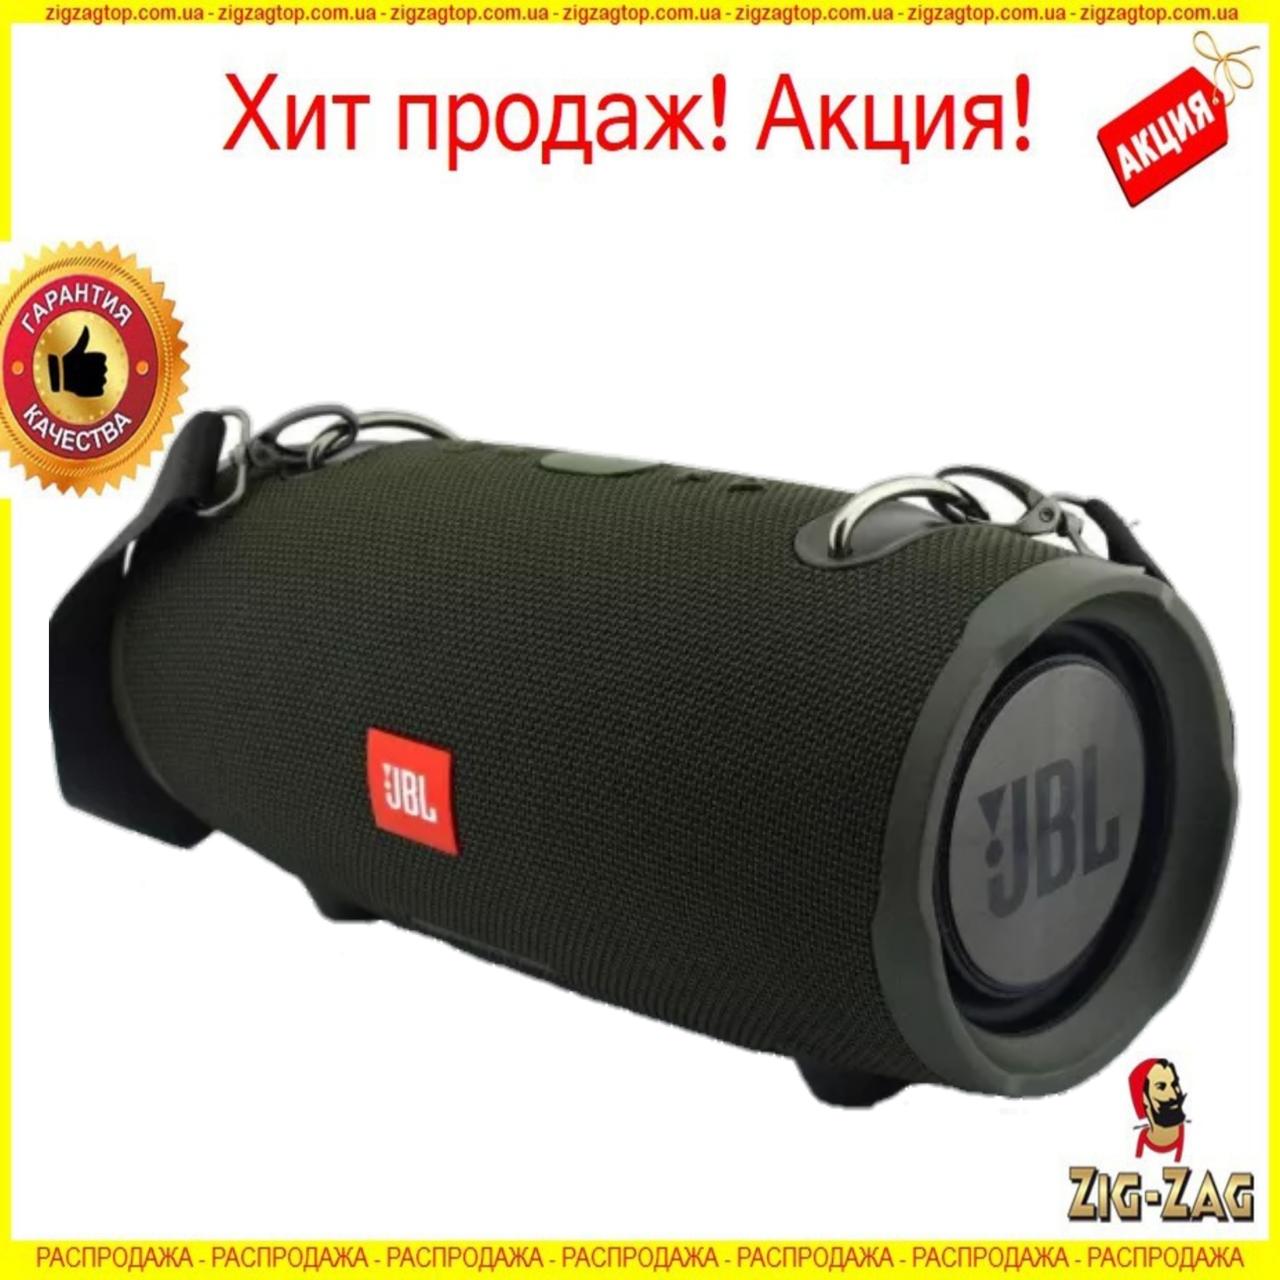 Портативная Bluetooth Колонка 40ВТ JBL Xtreme 2 ЧЕРНАЯ Беспроводная Джбл экстрим Extreme Блютуз Bluetooth